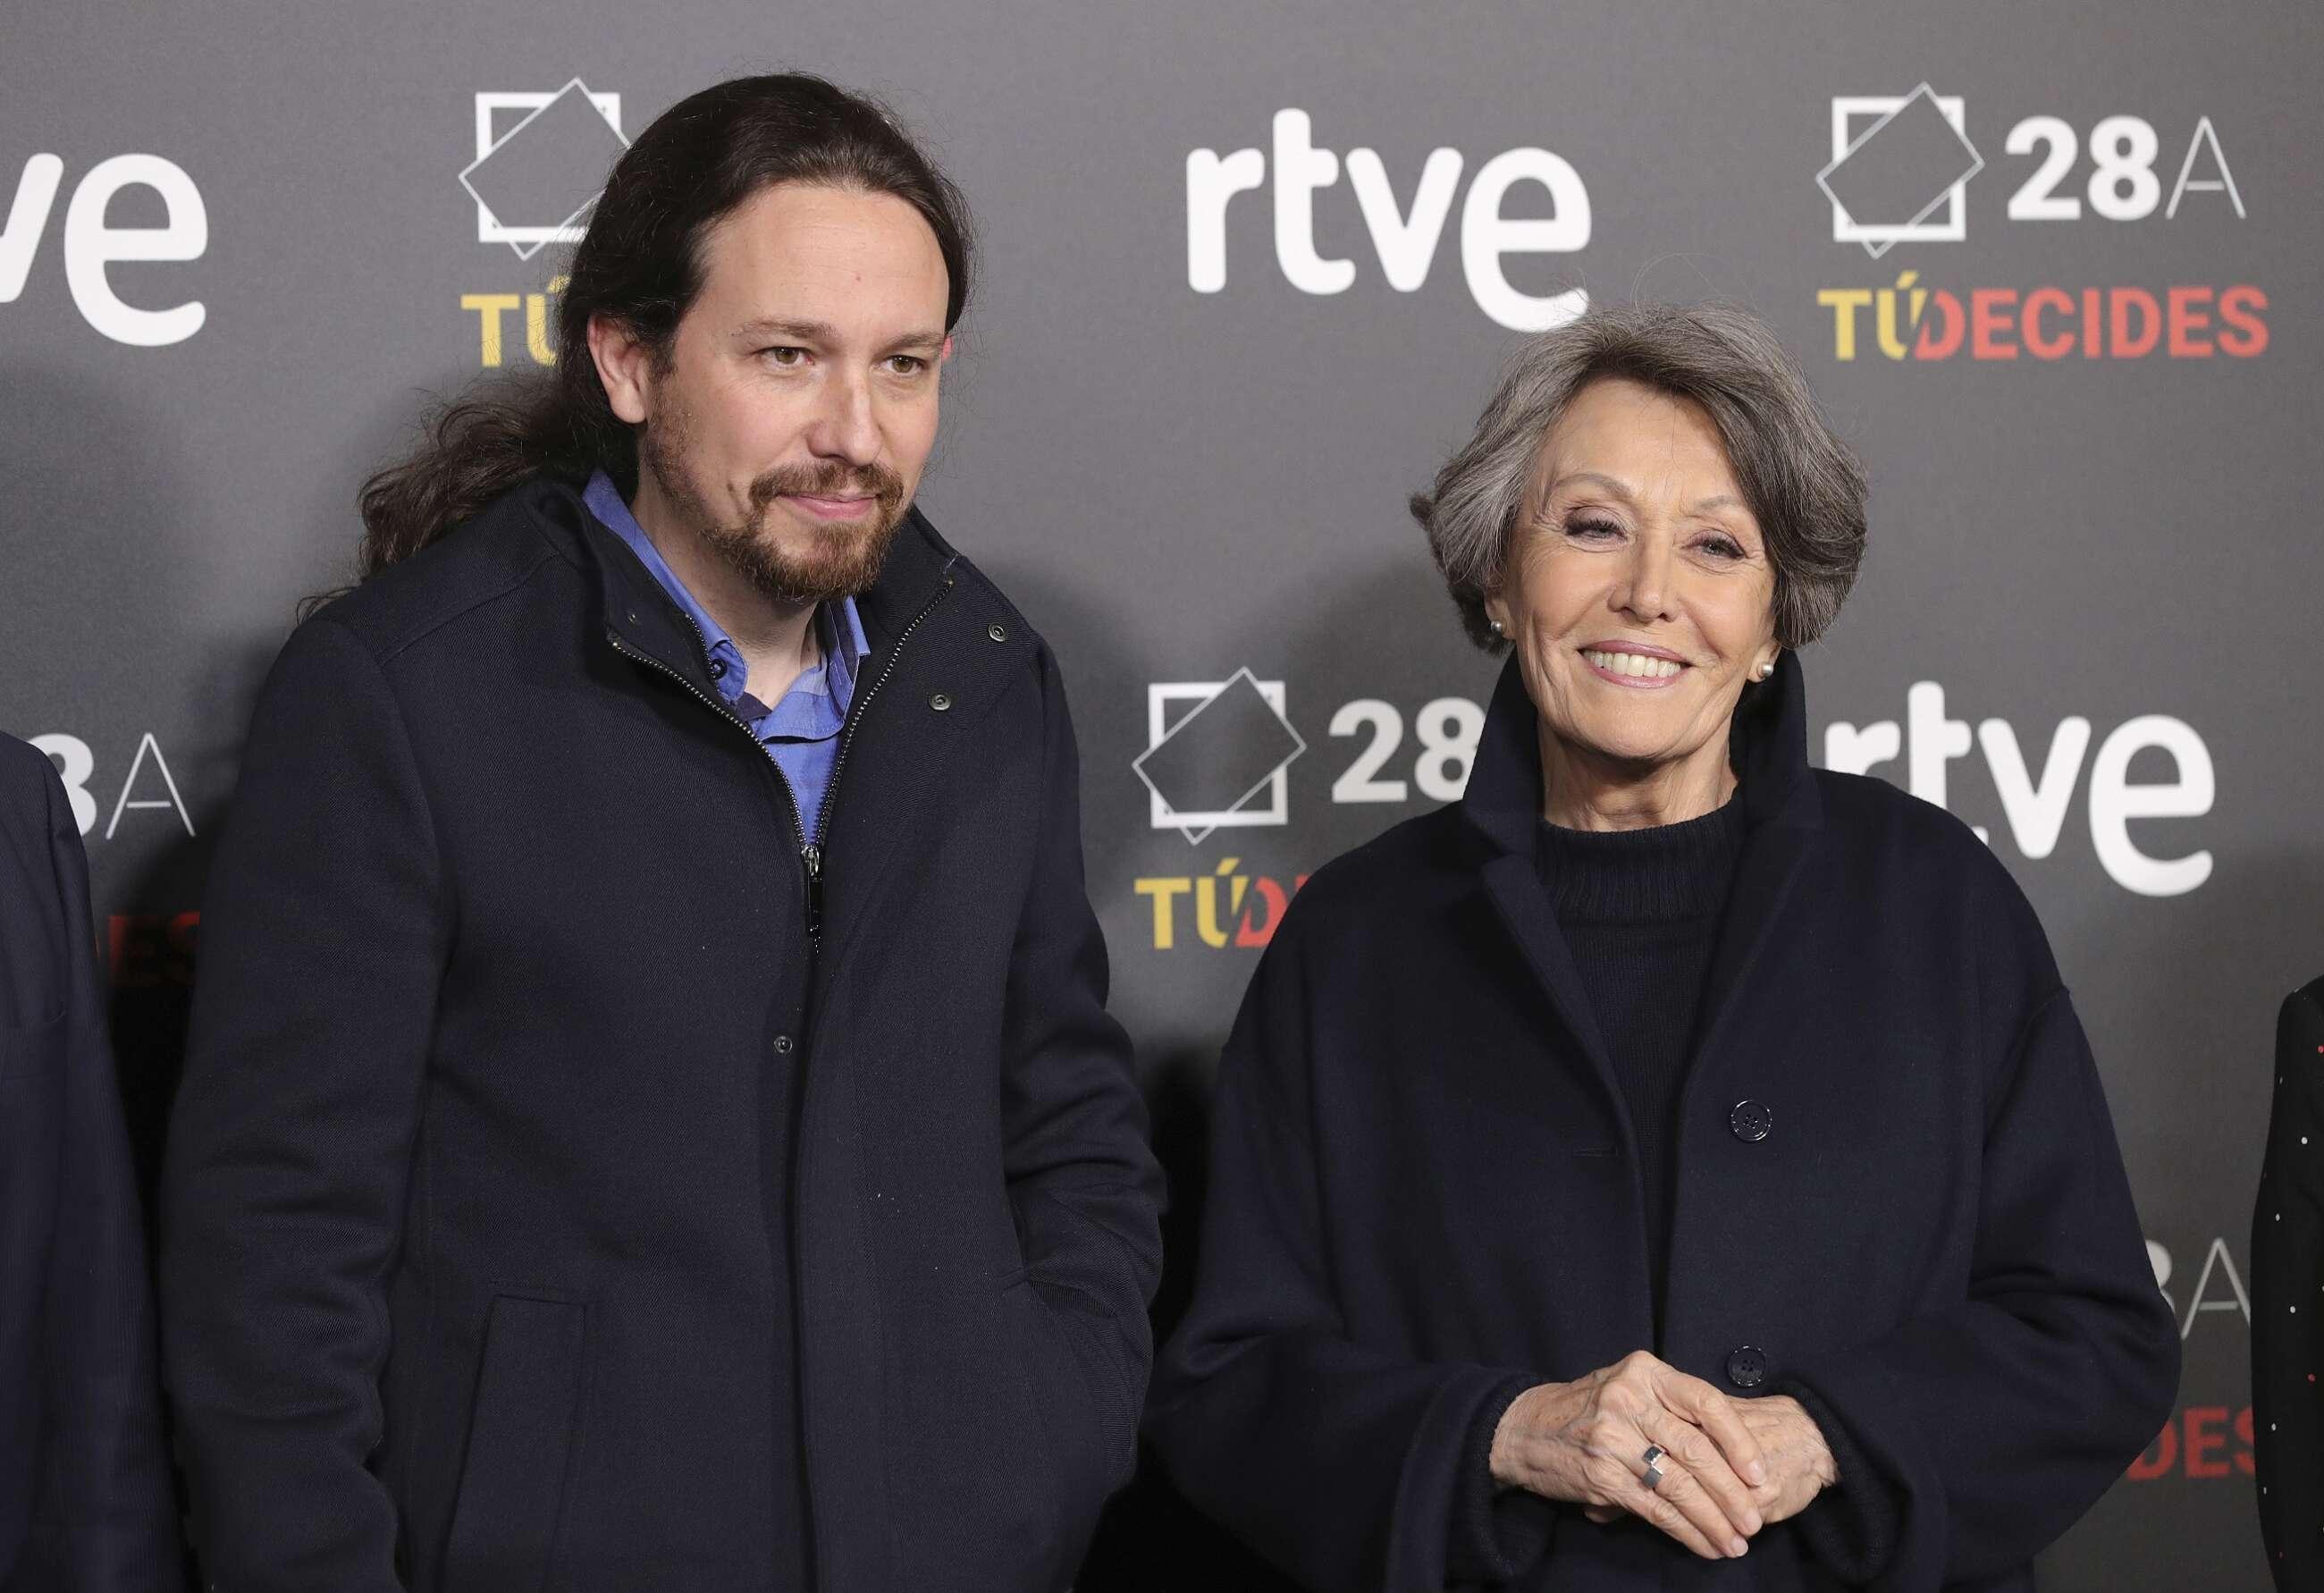 Pablo Iglesias y la administradora única de RTVE, Rosa María Mateo, a la llegada del líder de Podemos al debate de las elecciones del 28-A, el 22 de abril de 2019 en Madrid | EFE/JJM/Archivo